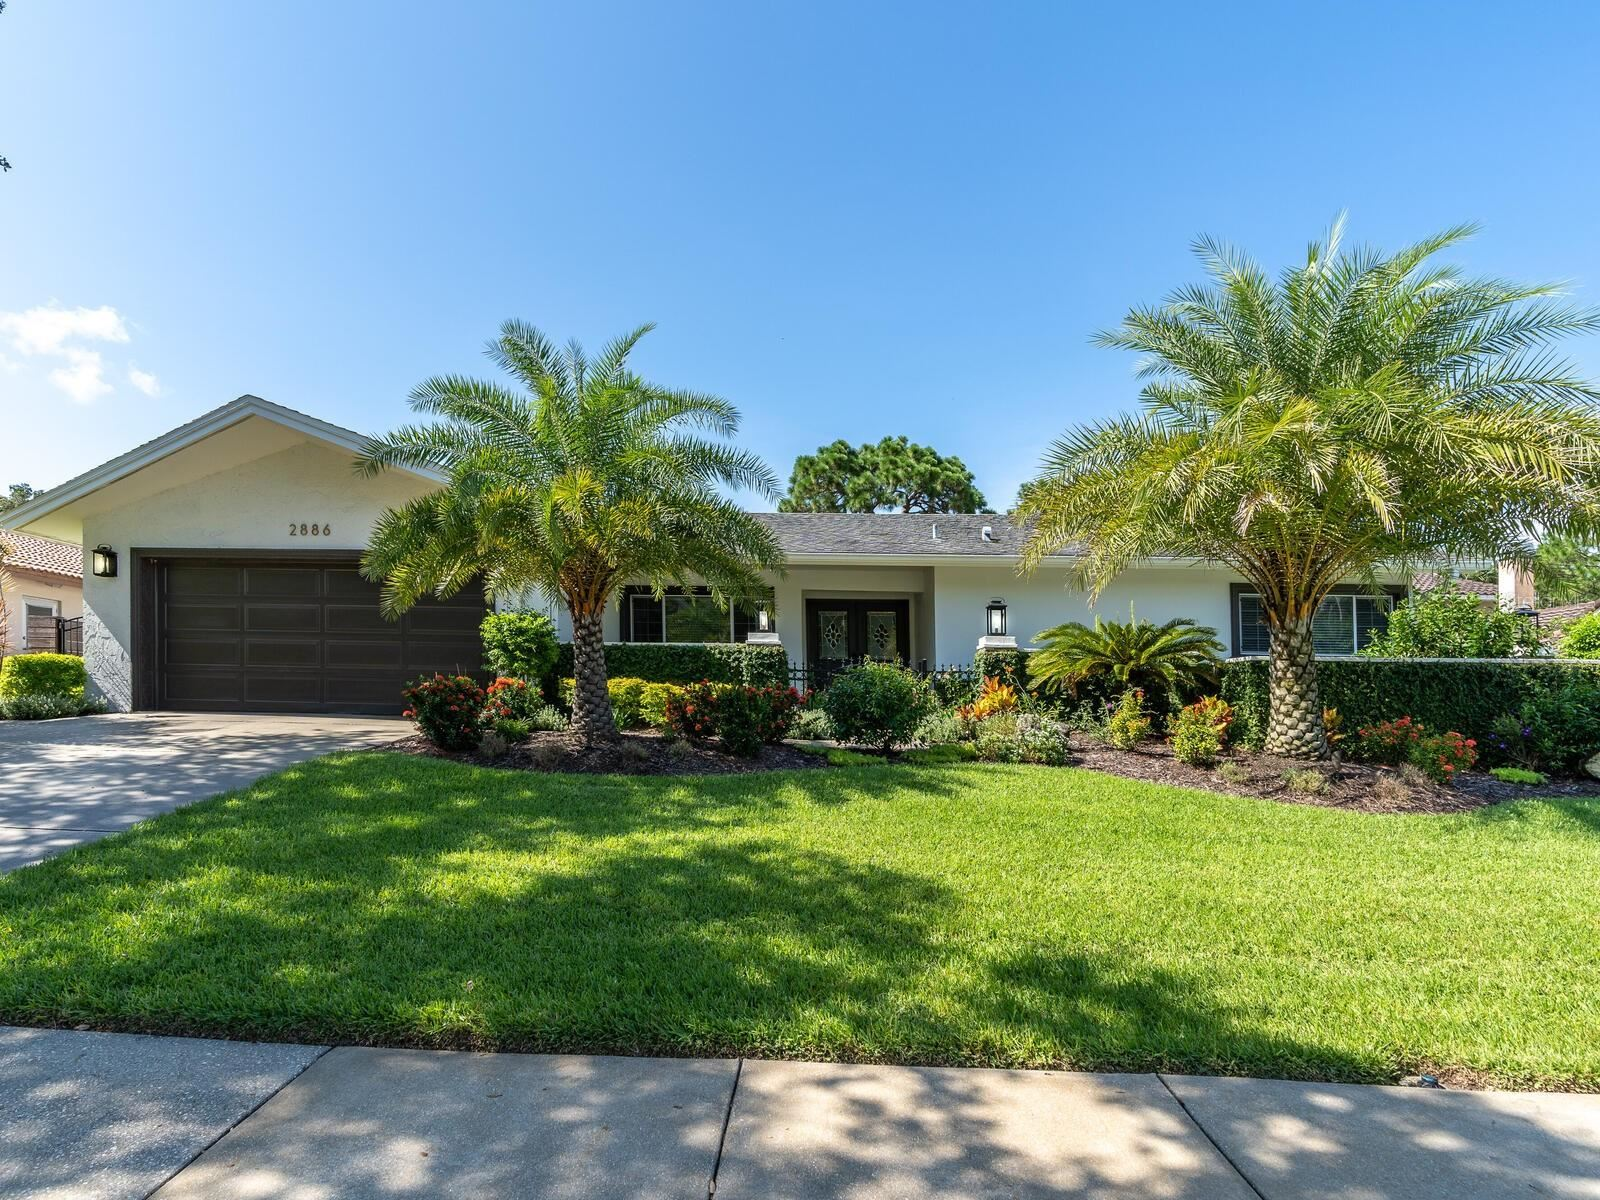 2886 WILDWOOD DRIVE, Clearwater, FL 33761 - MLS#: U8132296